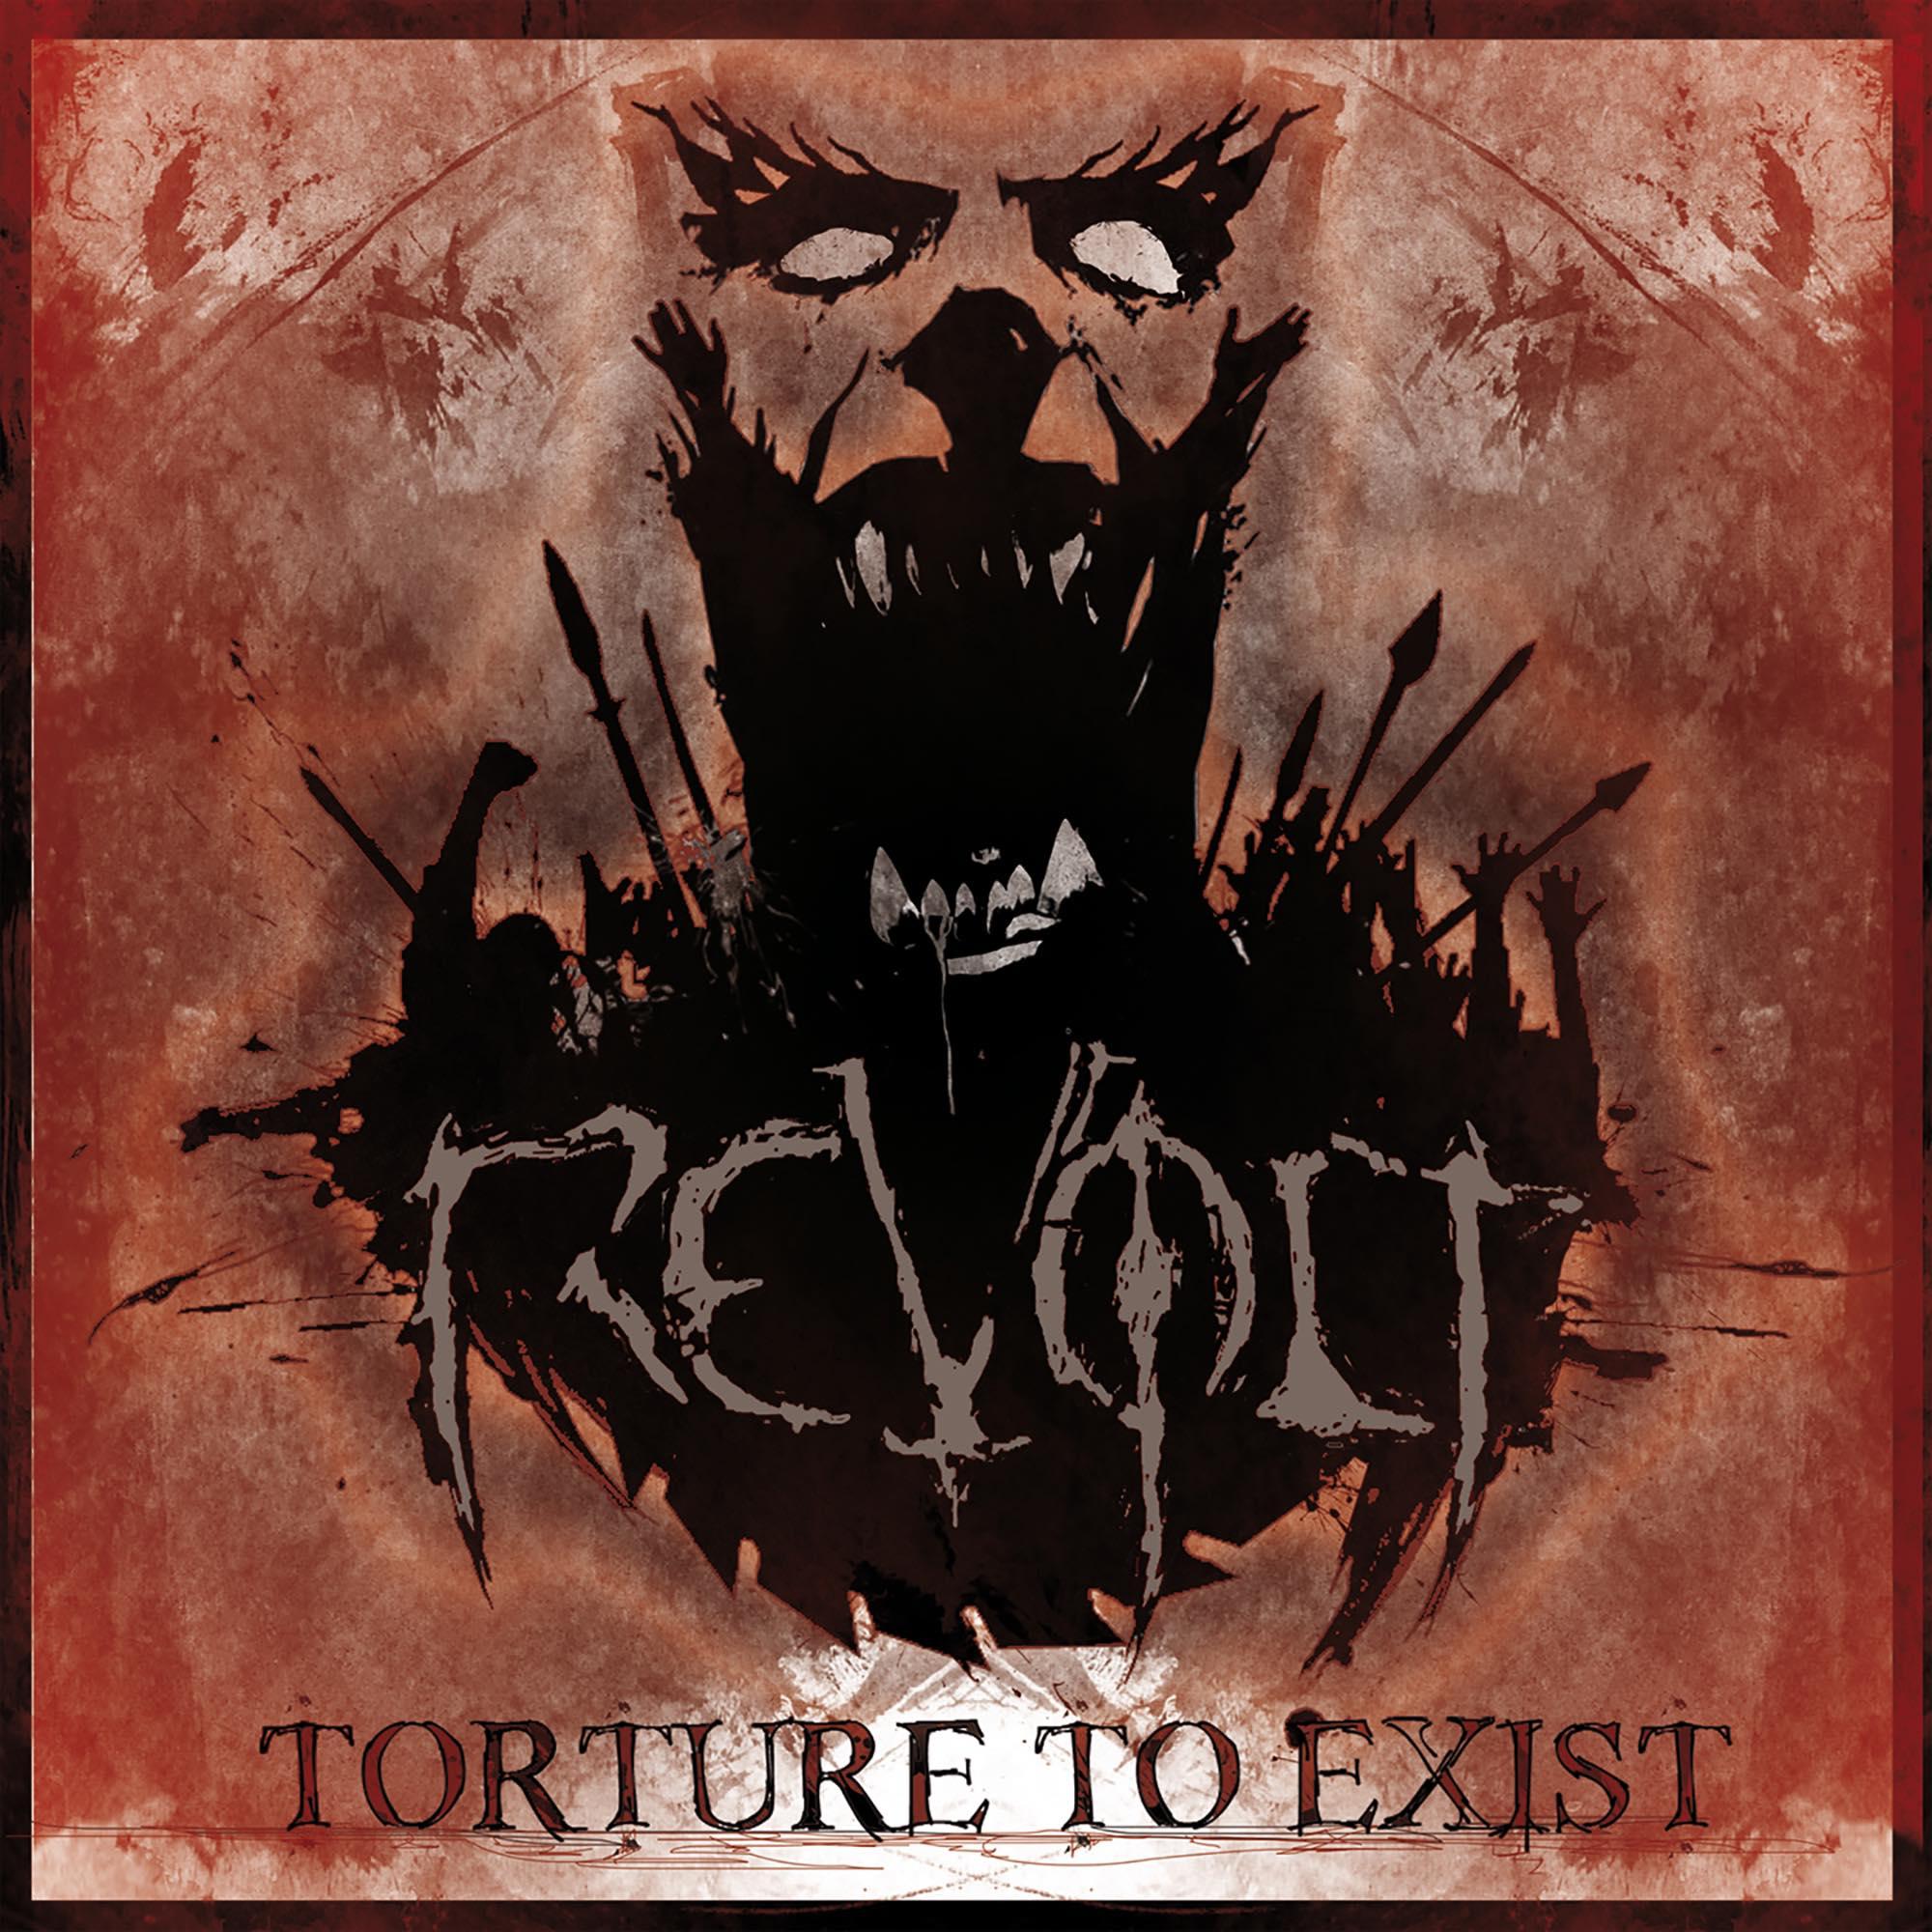 Revolt_Torture_To_Exist_Moshpit_Passion2